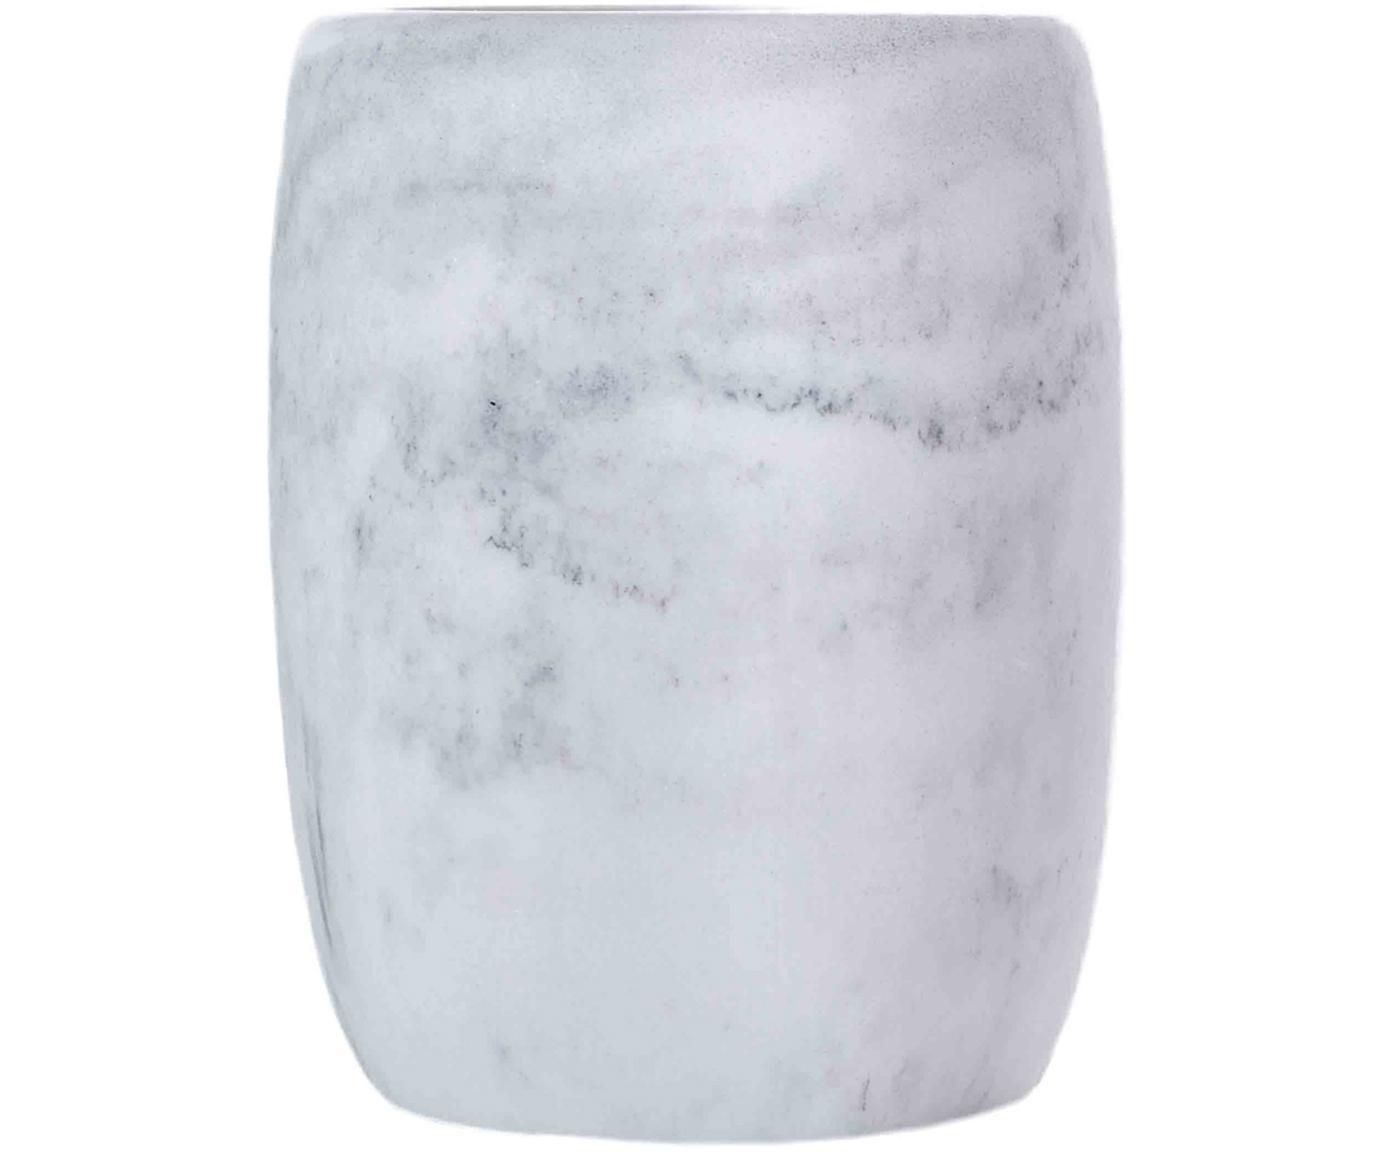 Porta spazzolini Marblis, Poliresina, Bianco, Ø 7 x Alt. 10 cm